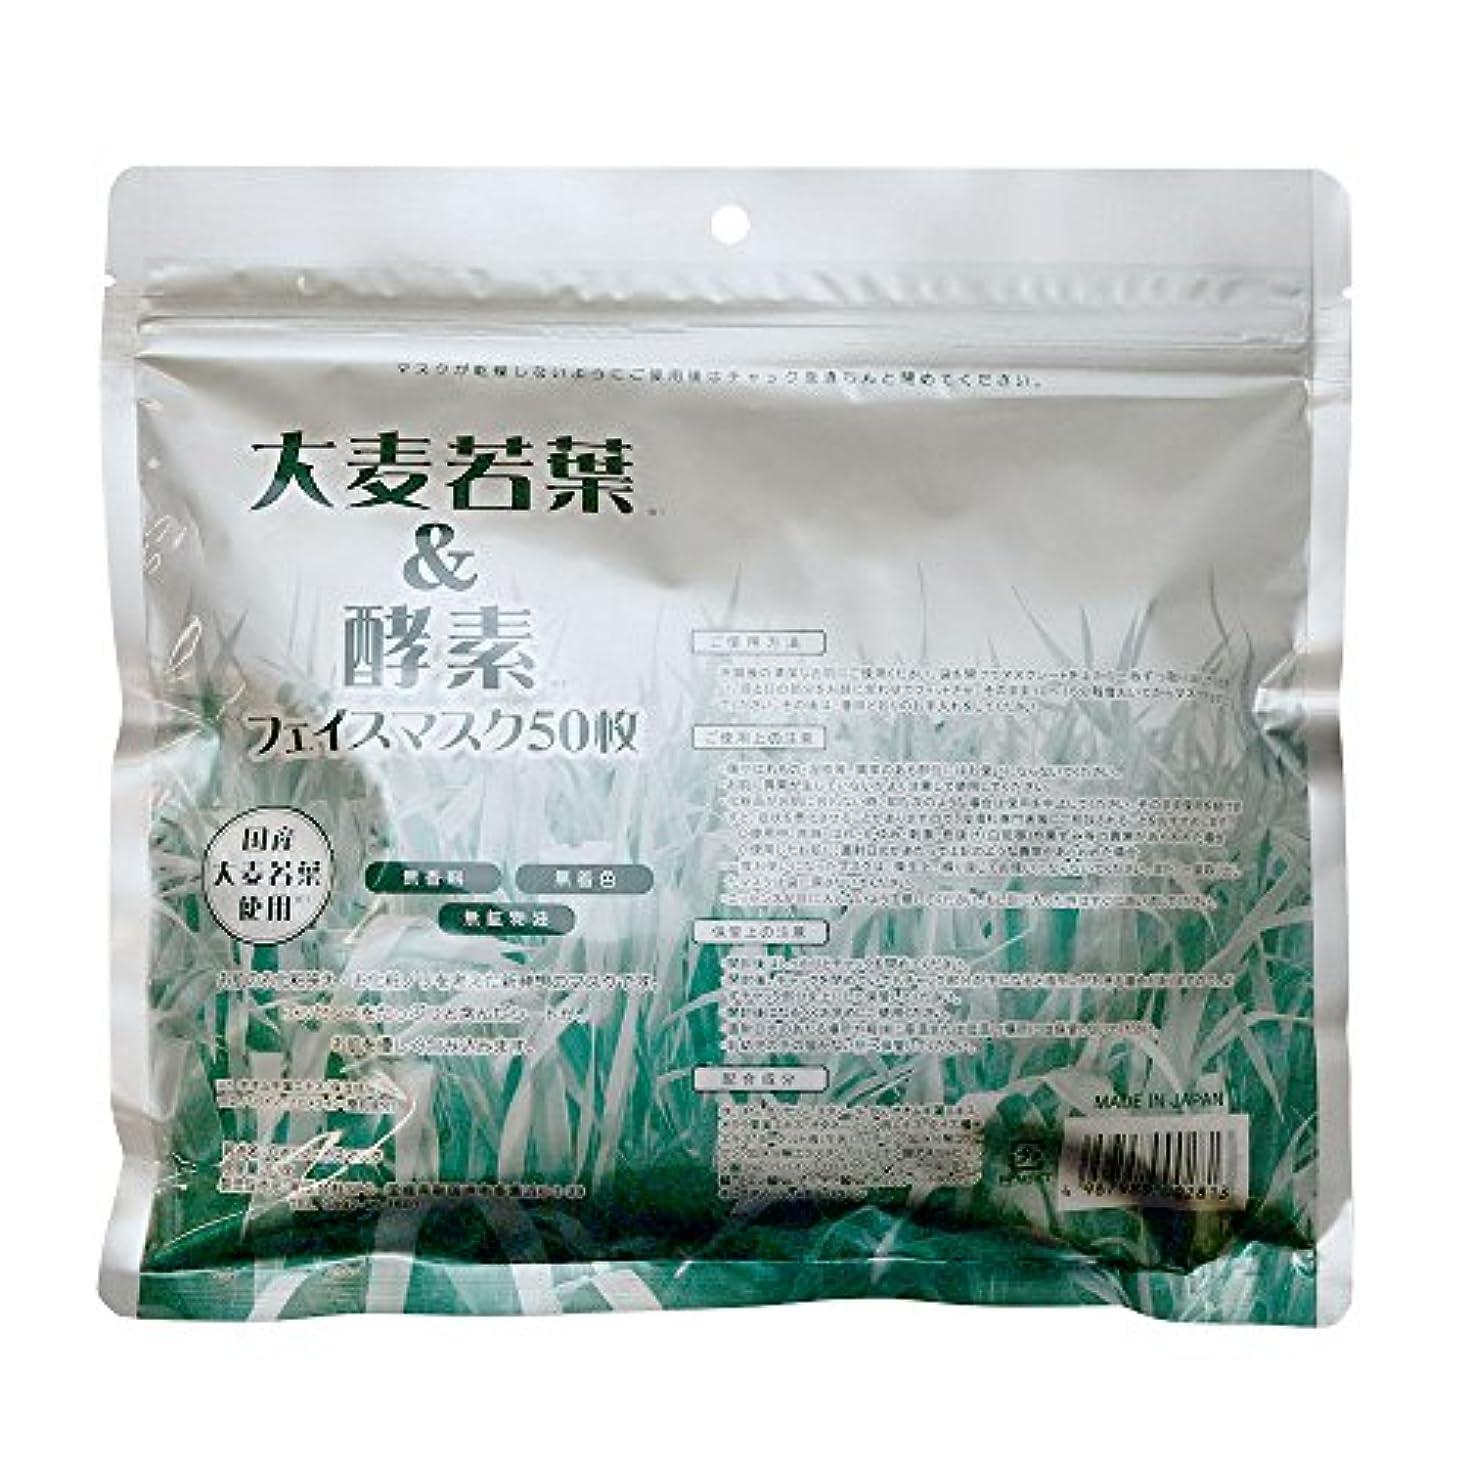 エイリアスラフレシアアルノルディギャラントリー大麦若葉&酵素 フェイスマスク 50枚入り